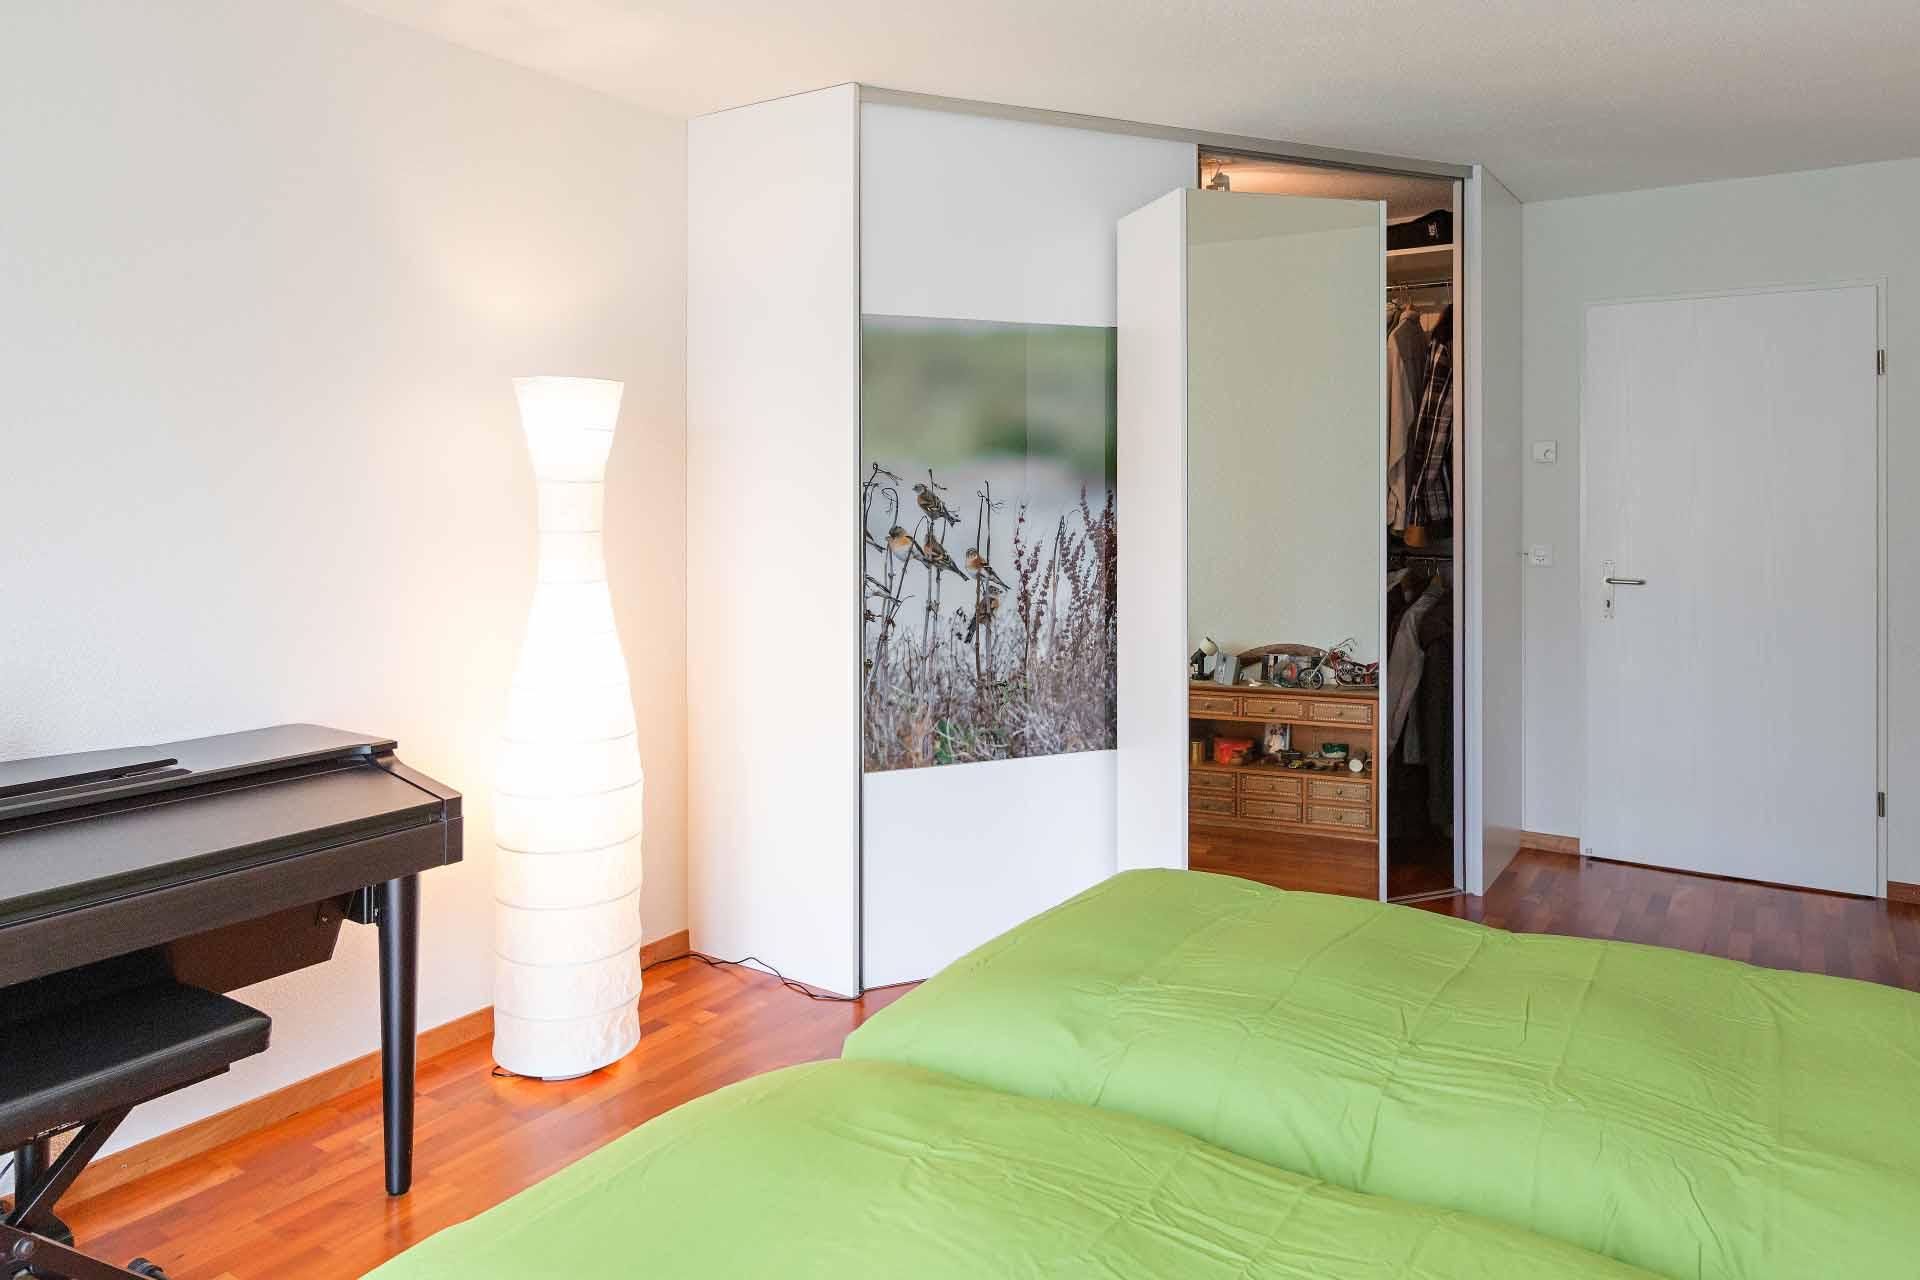 schrank ber eck mit drehregal und motivdruck auf den schiebet ren auf zu. Black Bedroom Furniture Sets. Home Design Ideas